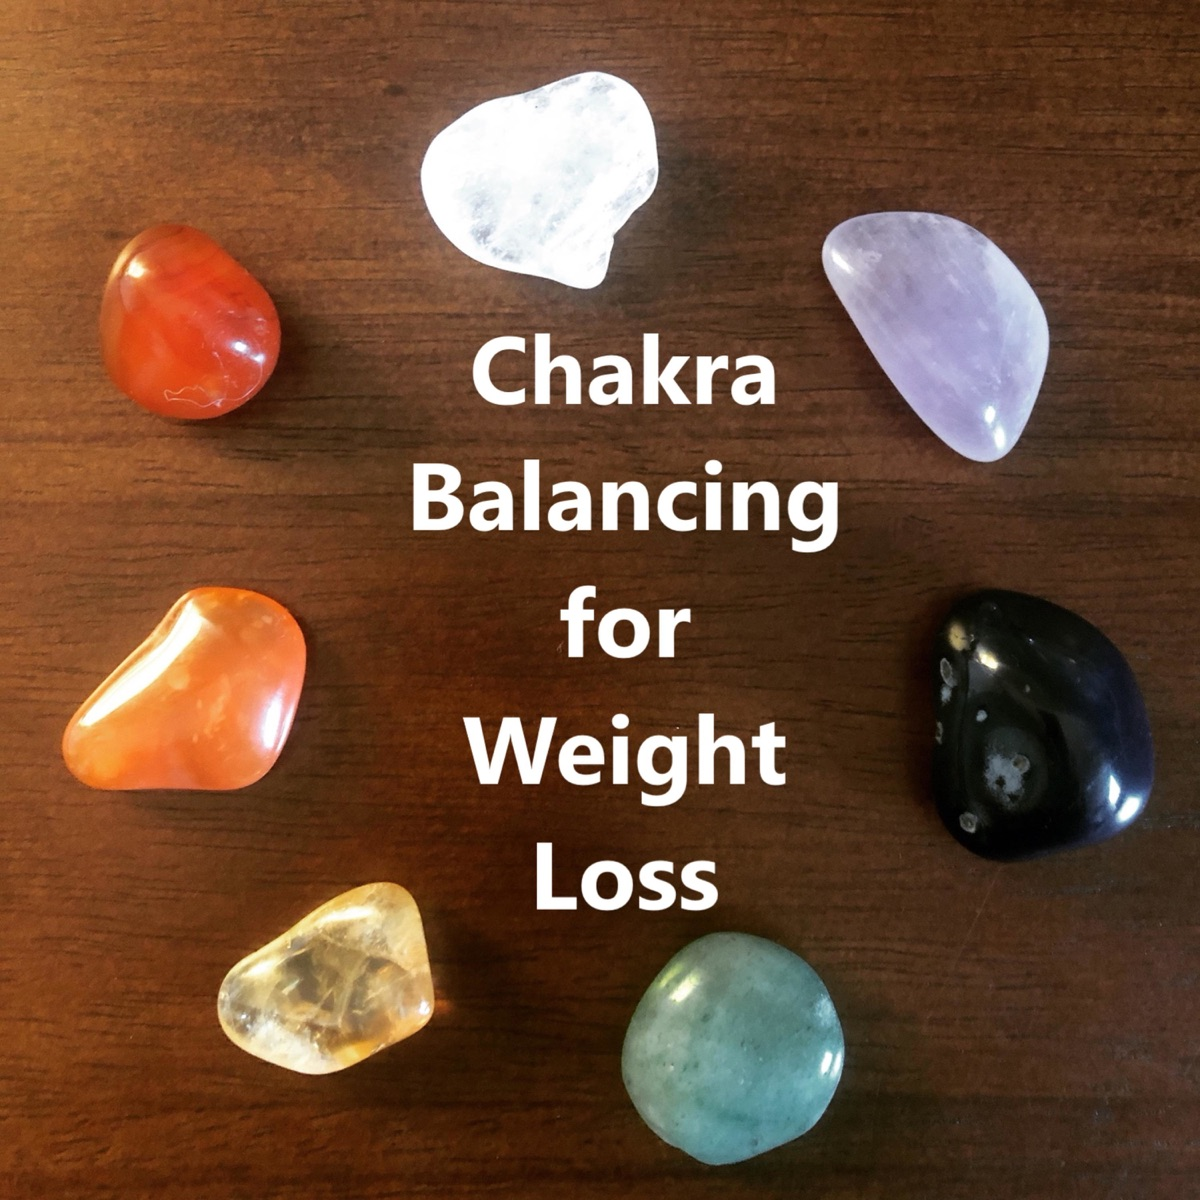 Chakra Balancing for Weight Loss